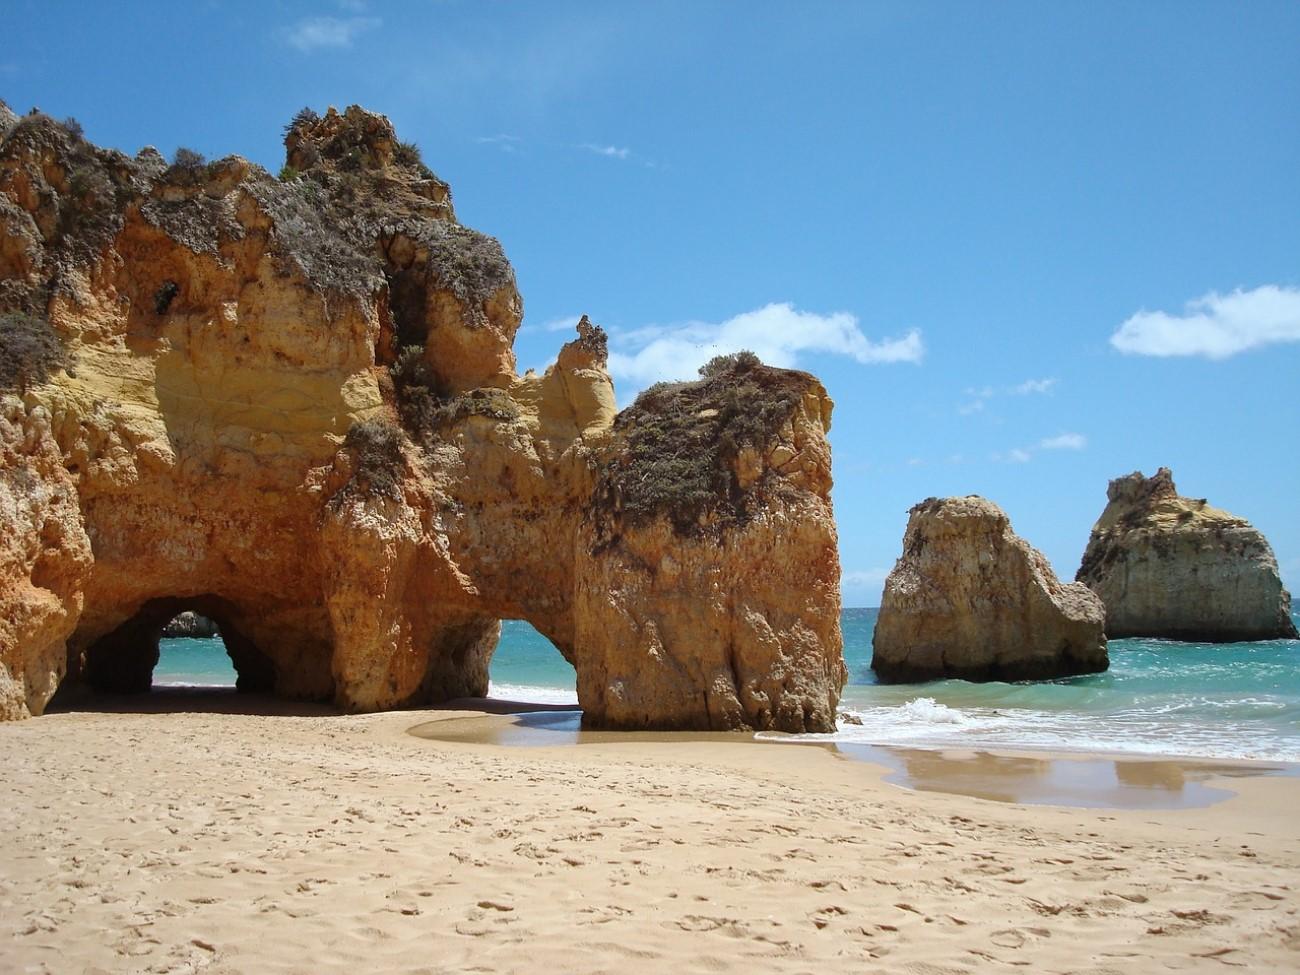 Praia dos Três Irmãos, Portimão, Portugal